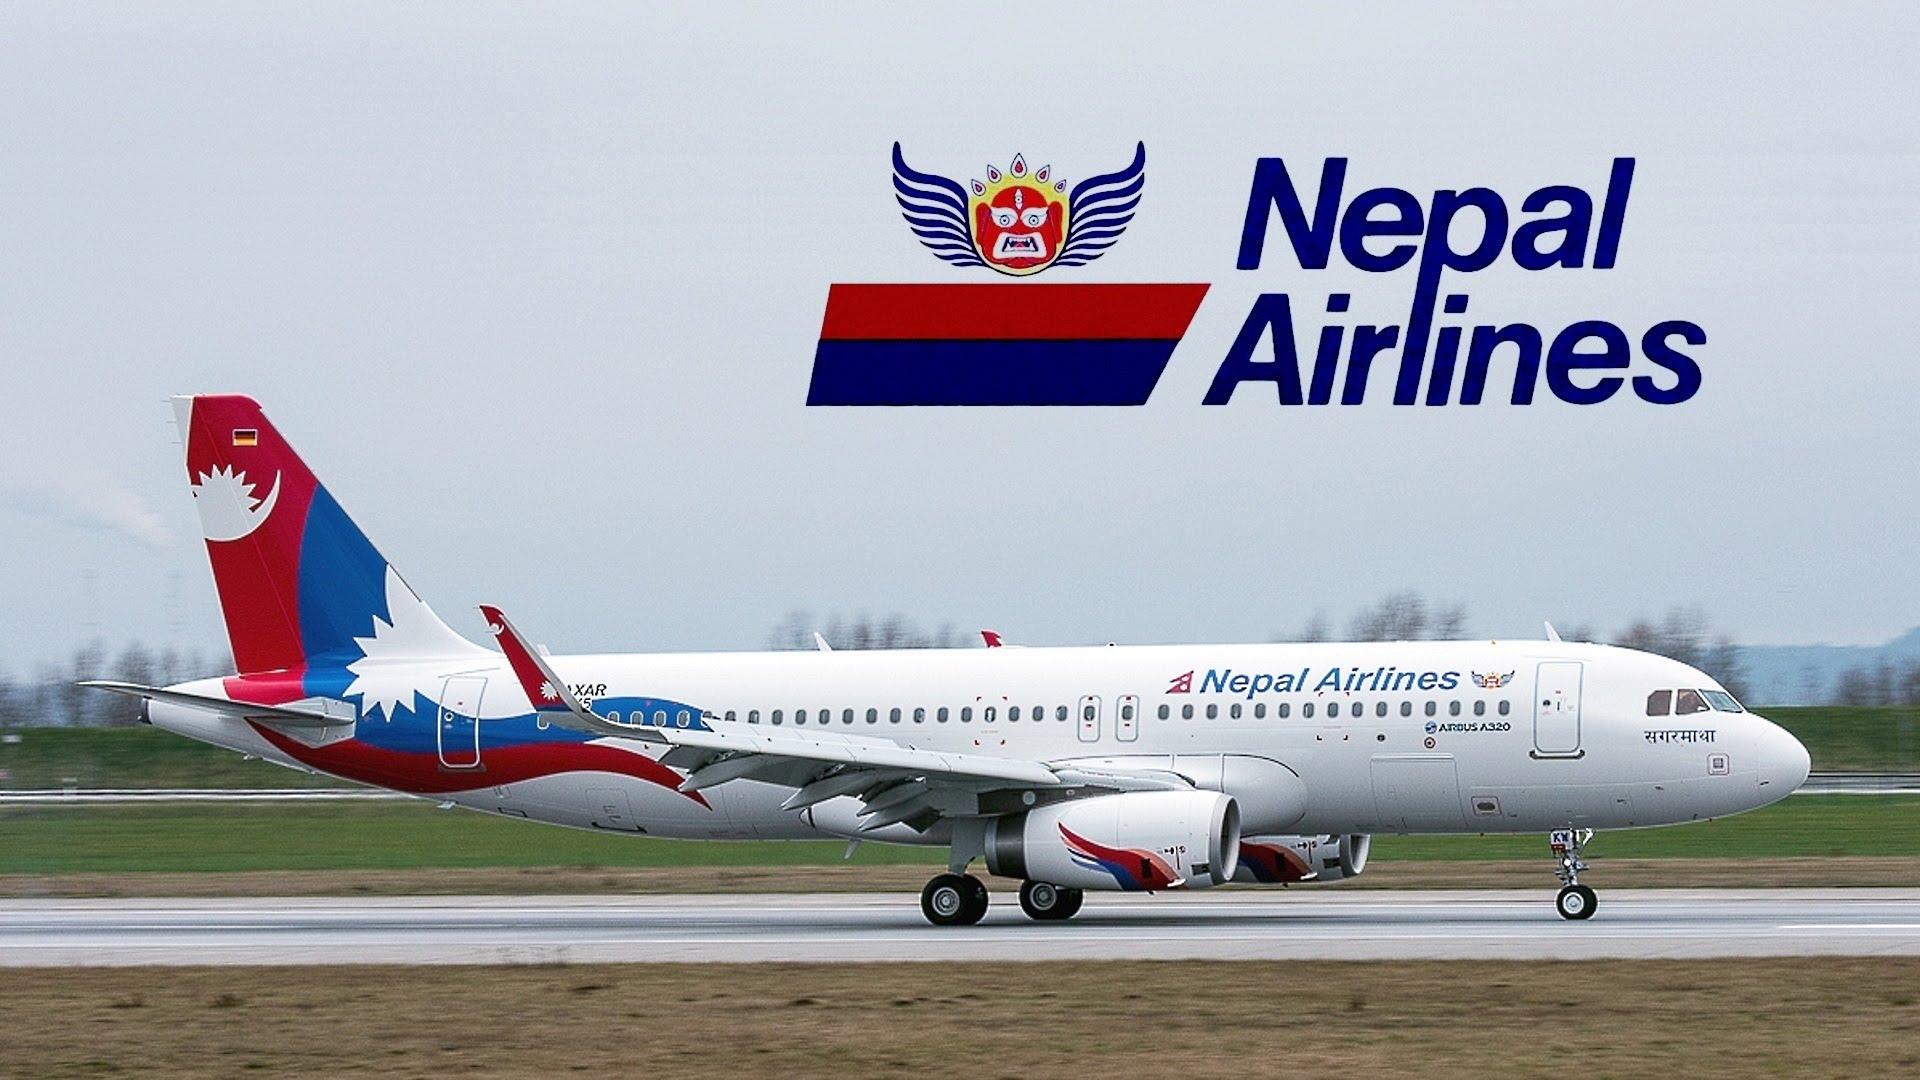 नेपाली पाइलटले नै धेरै तलब बुझ्छन् : नेपाल वायुसेवा निगम